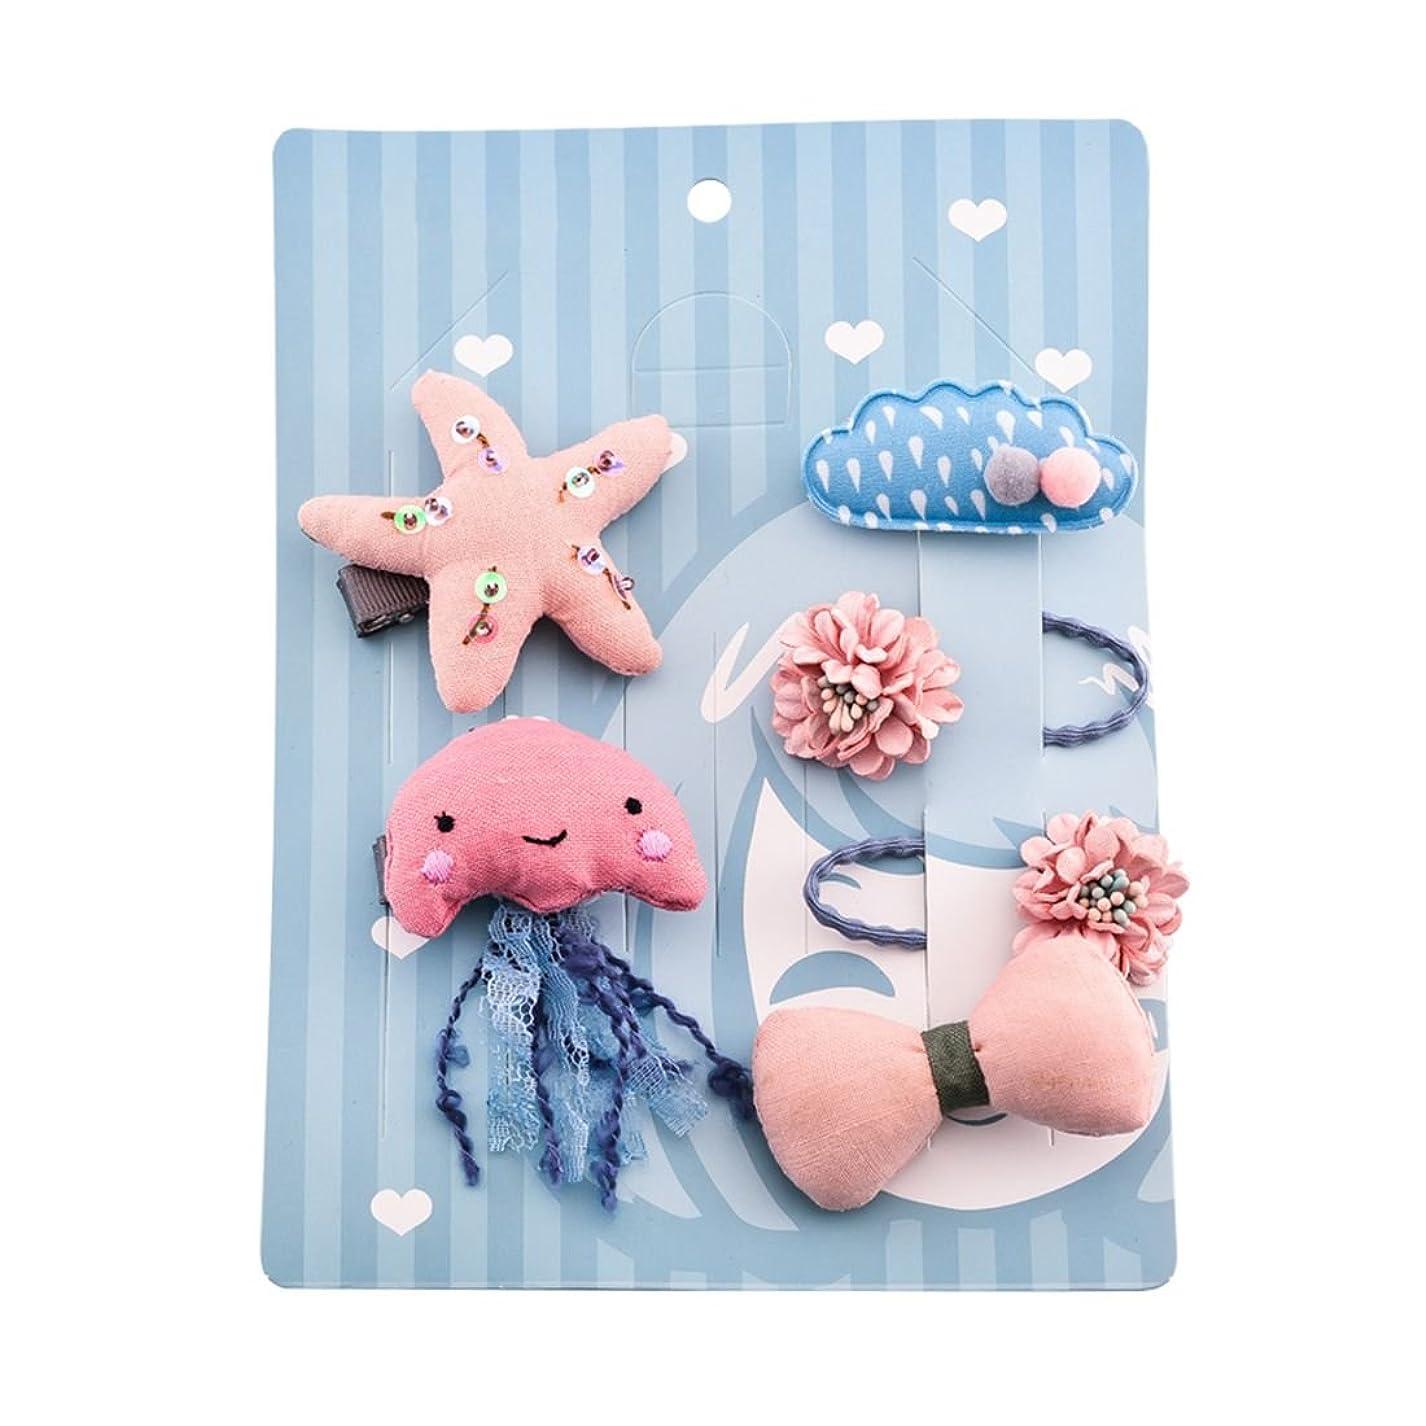 祖父母を訪問リマかもめSemoic ピンク 1セット 6個 かわいい布 花/ヒトデ/雲/月のヘアピン組み合わせセット 誕生日の贈り物